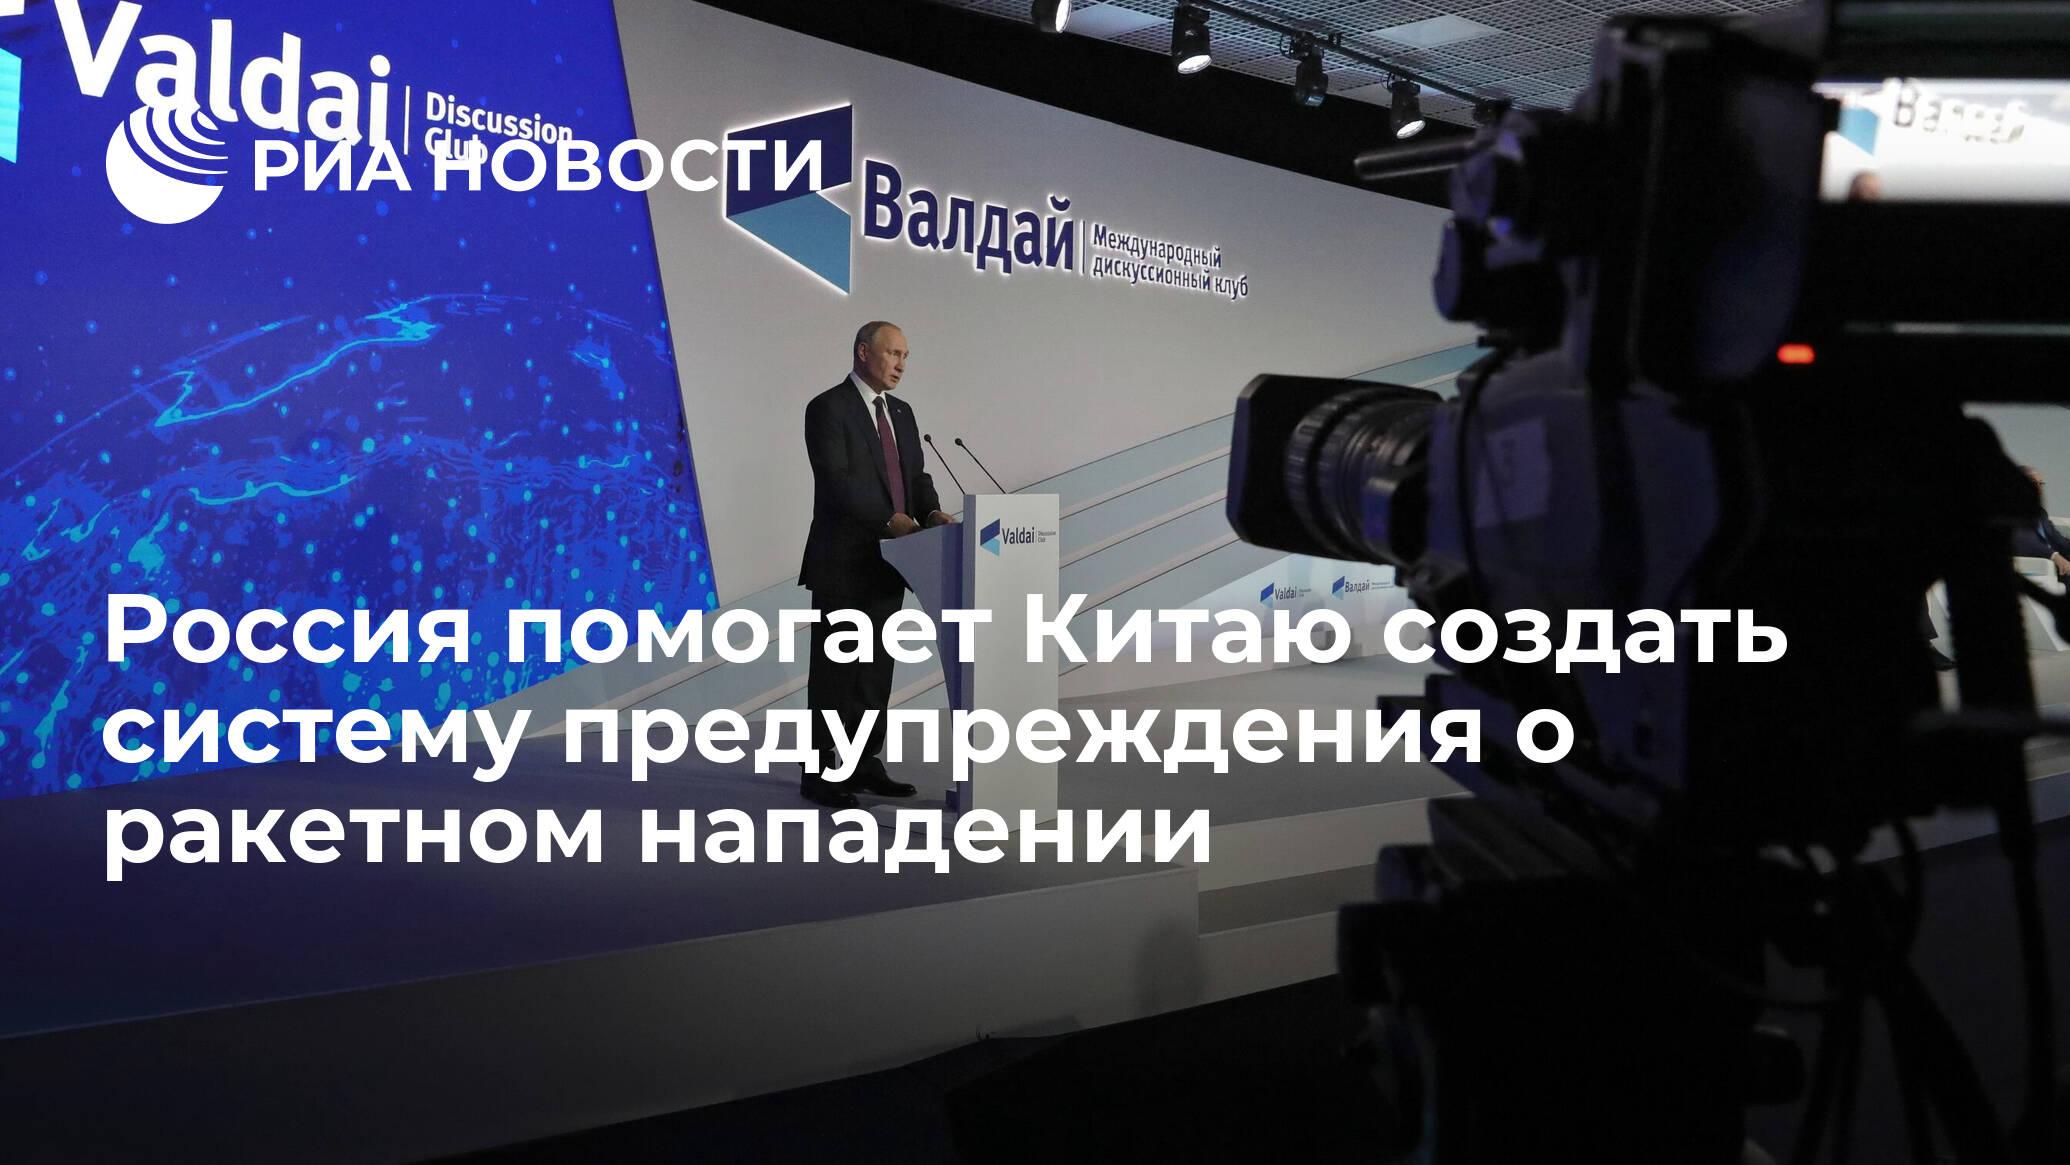 Россия помогает Китаю создать систему предупреждения о ракетном нападении